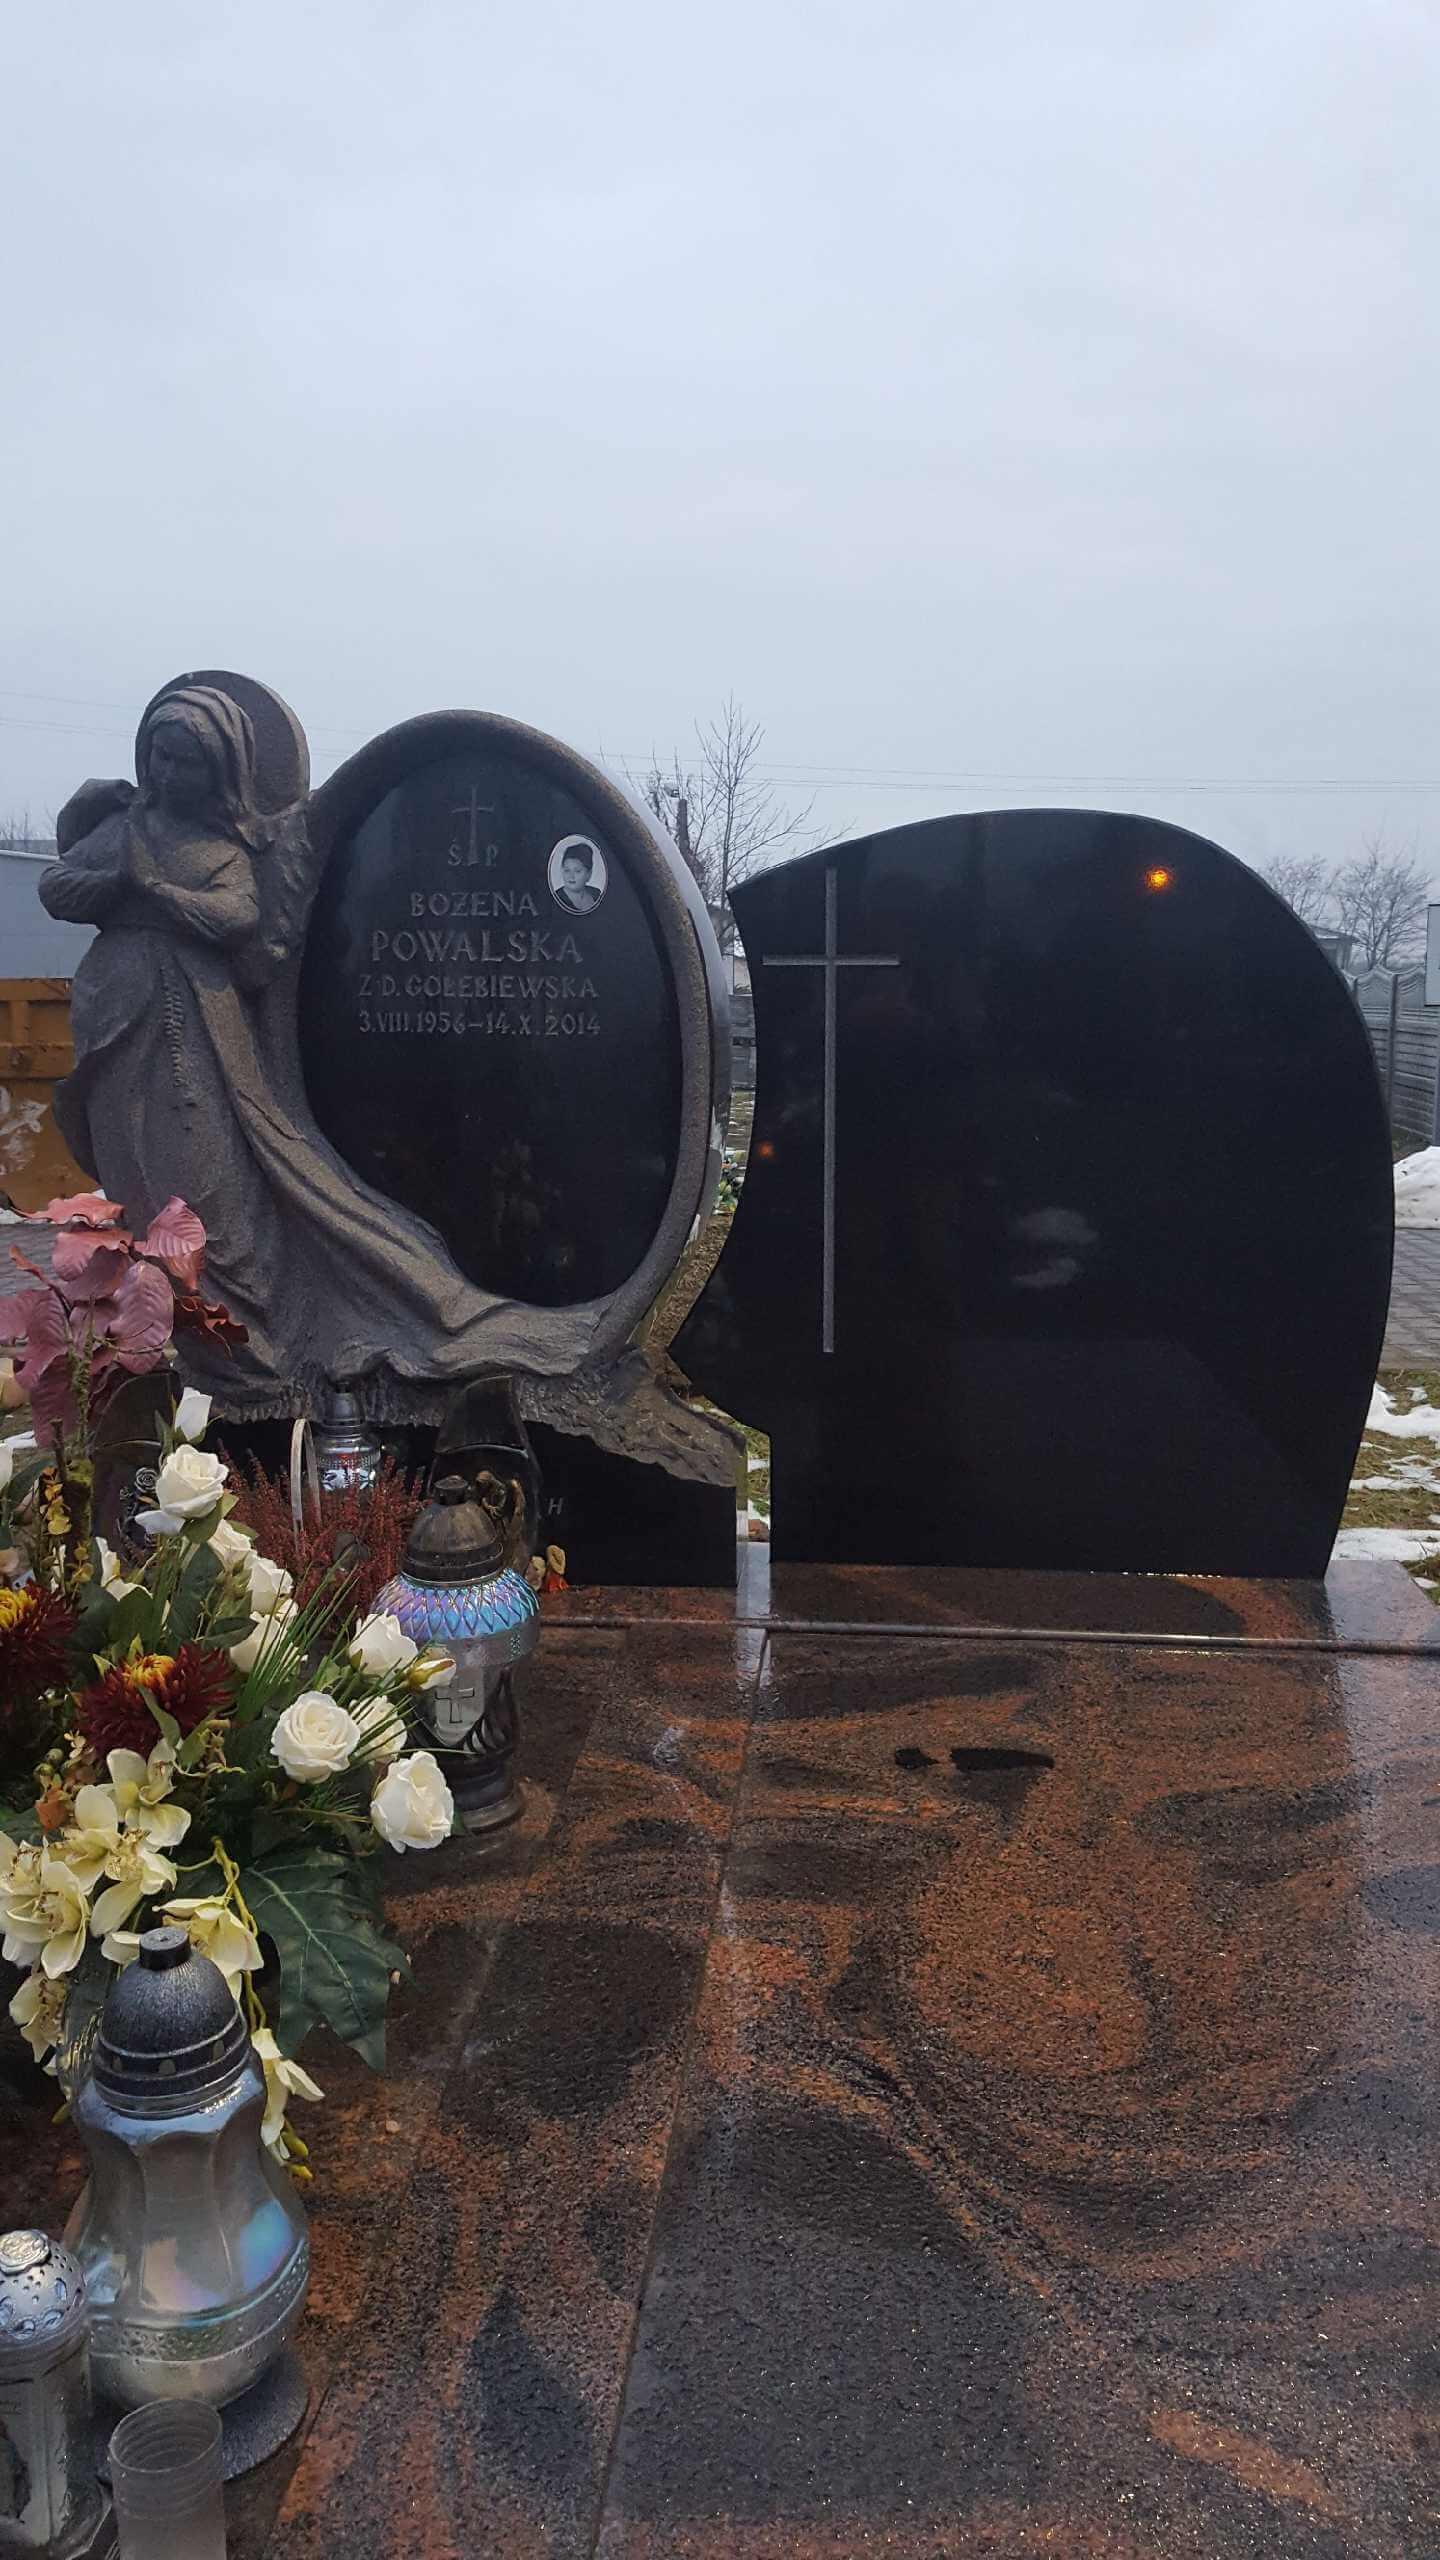 Nagrobki granitowe Cmentarz Północny